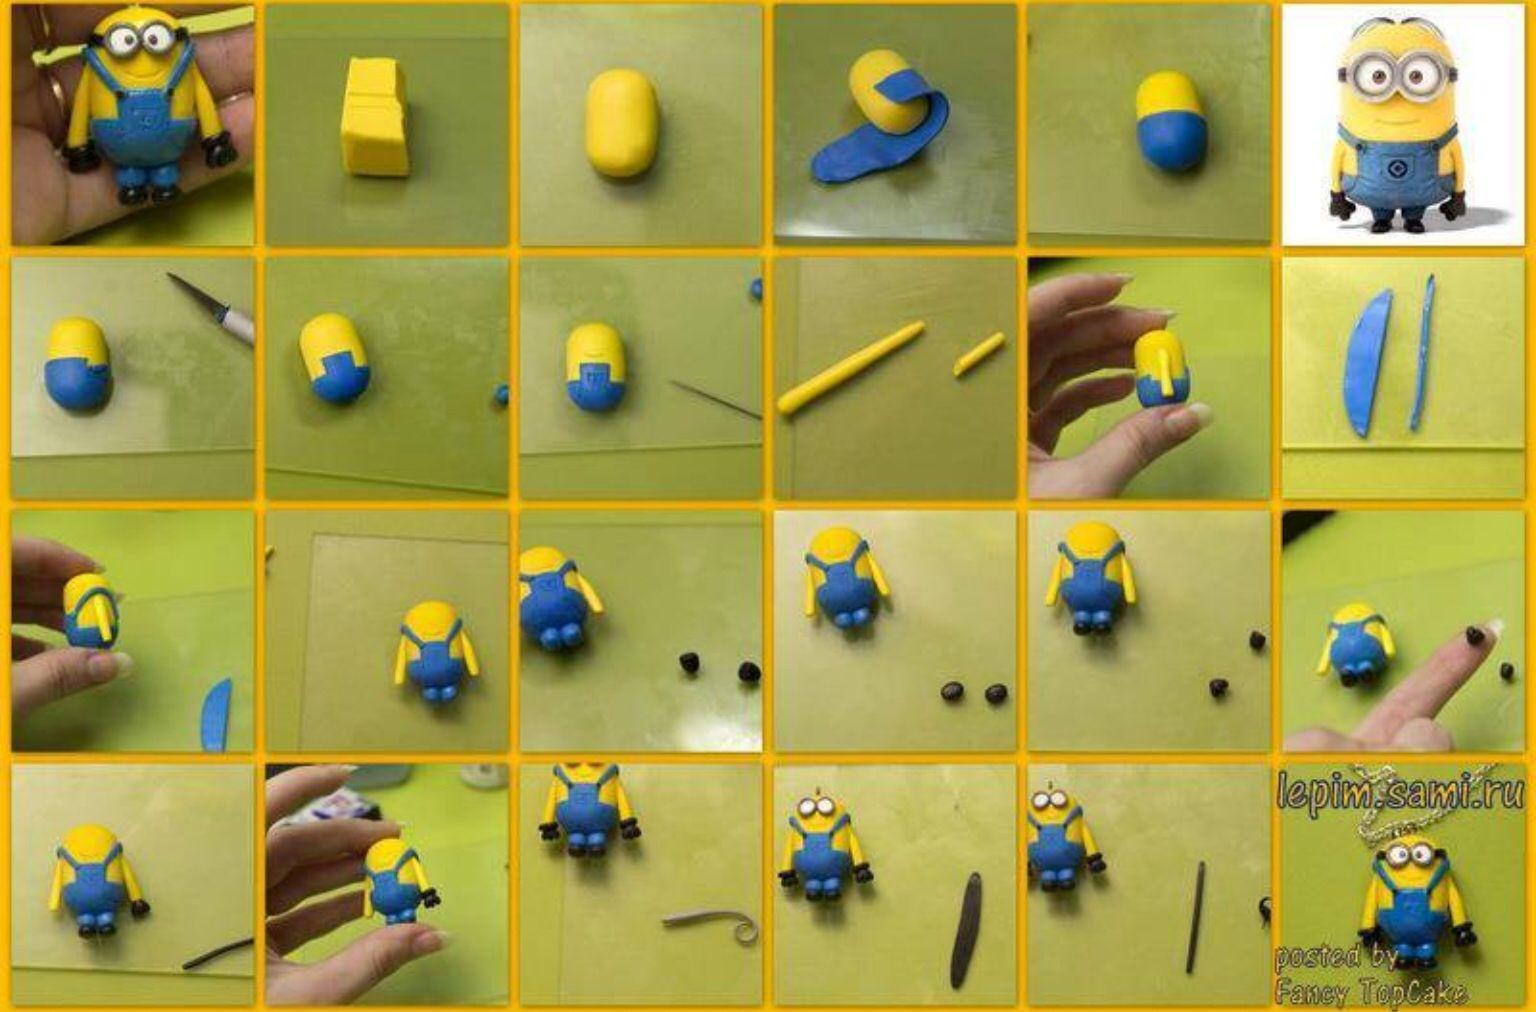 Minions fondant tutorial | despicable me | Pinterest ...